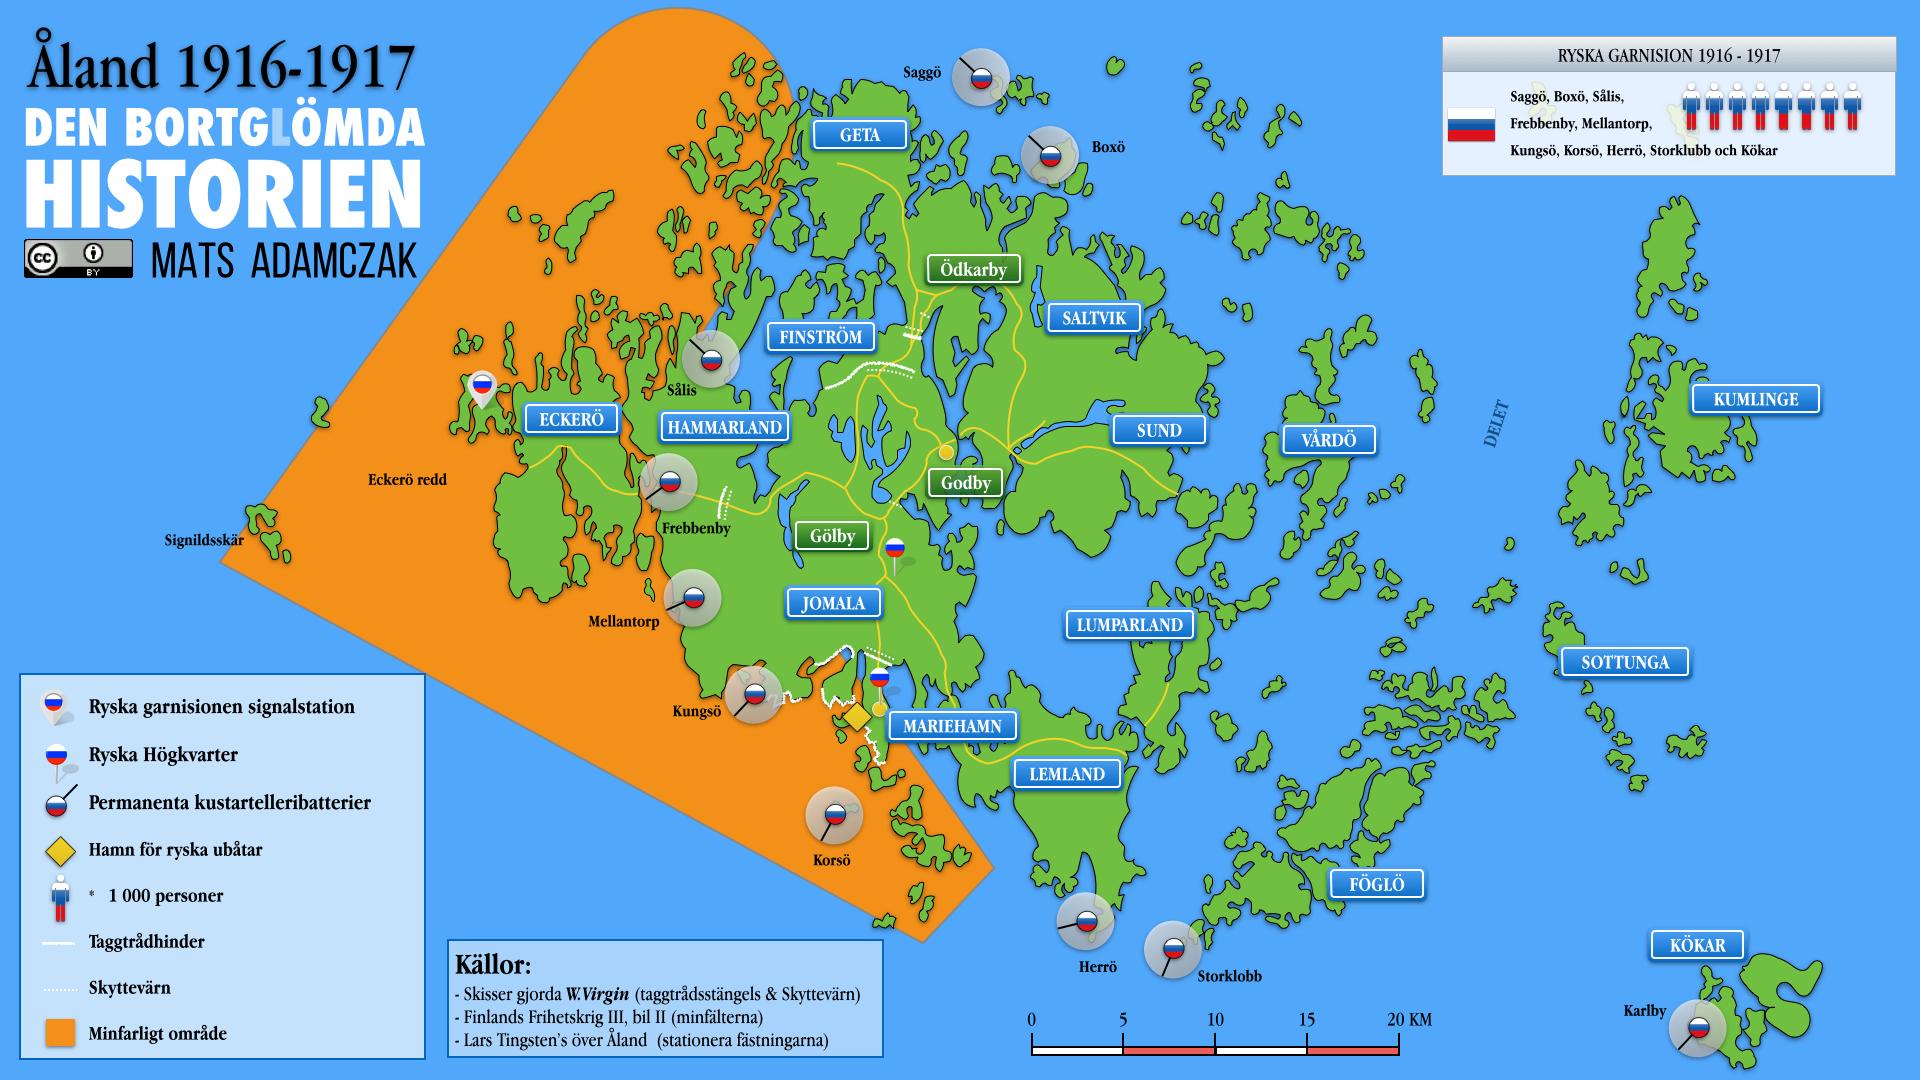 Åland 1916-1917